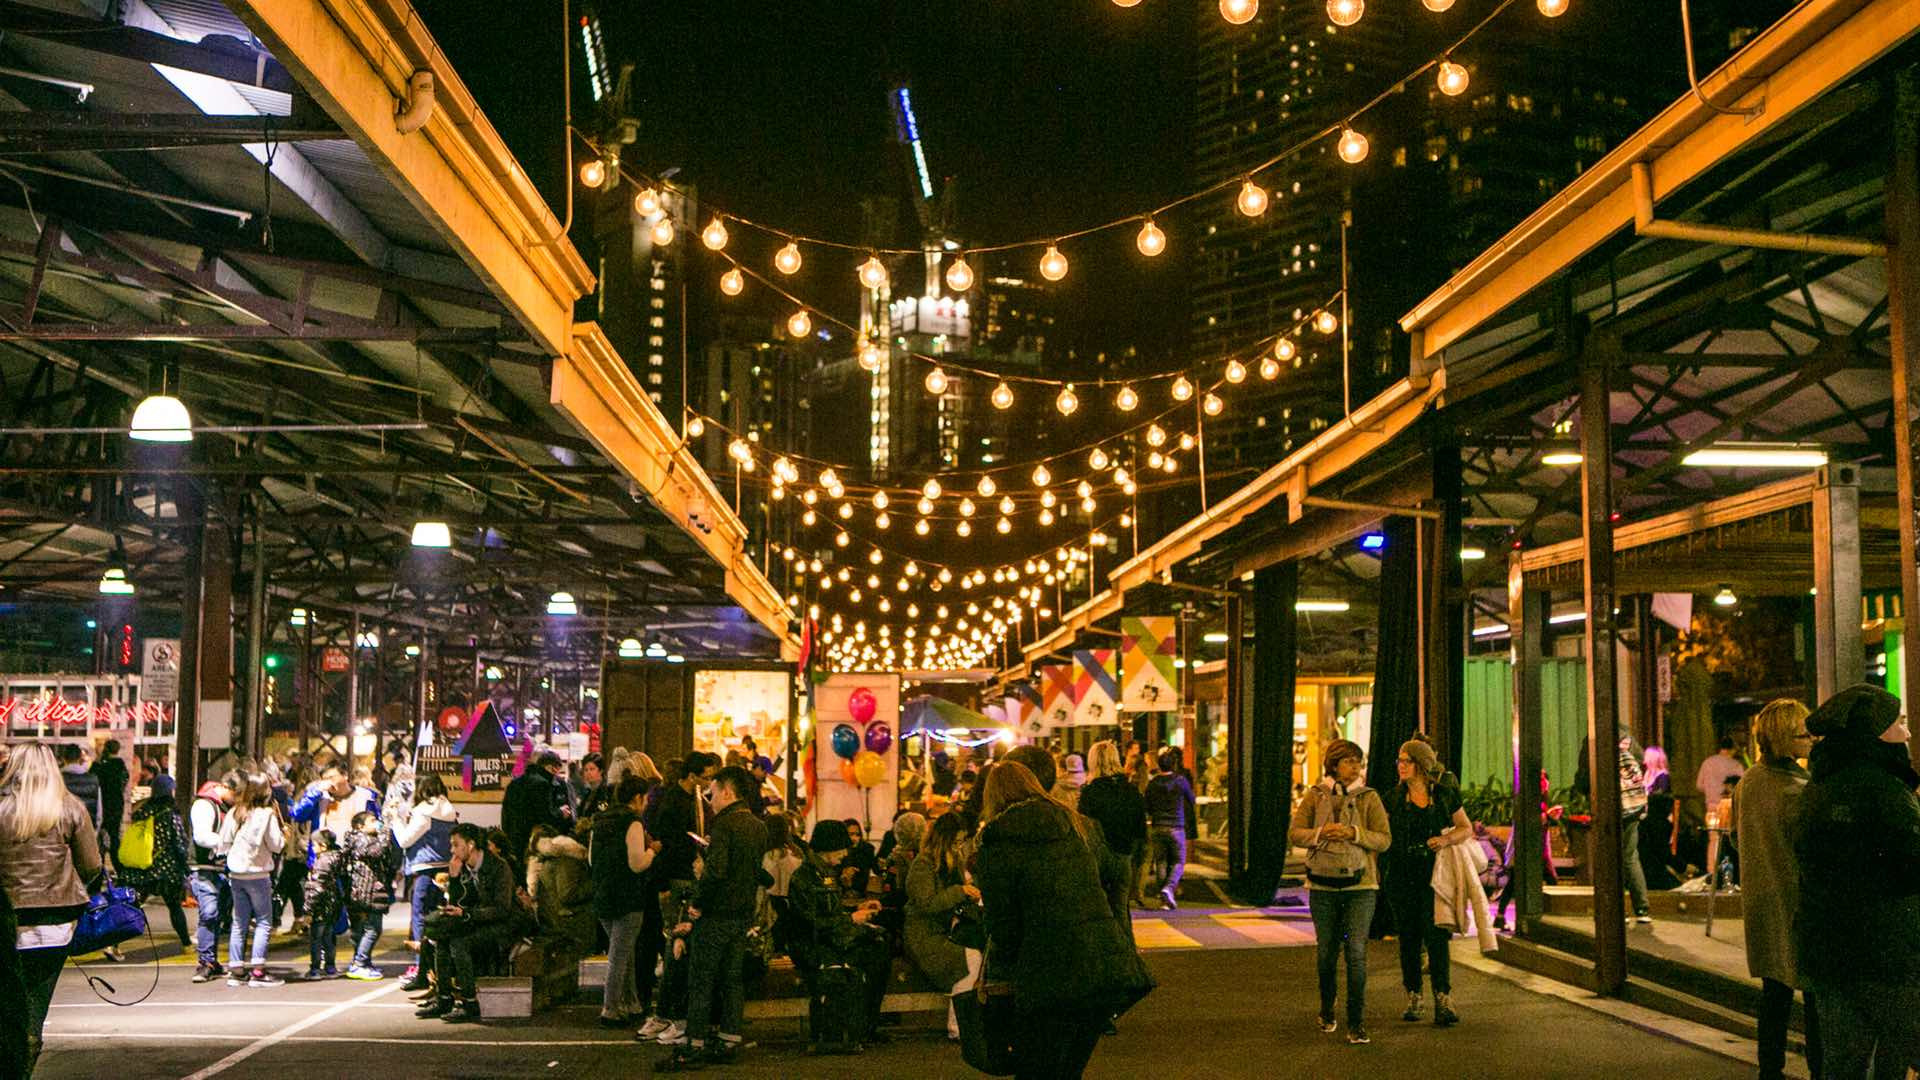 Khám phá khu chợ Nữ hoàng Victoria ngay giữa lòng thành phố Melbourne hiện đại - ảnh 1